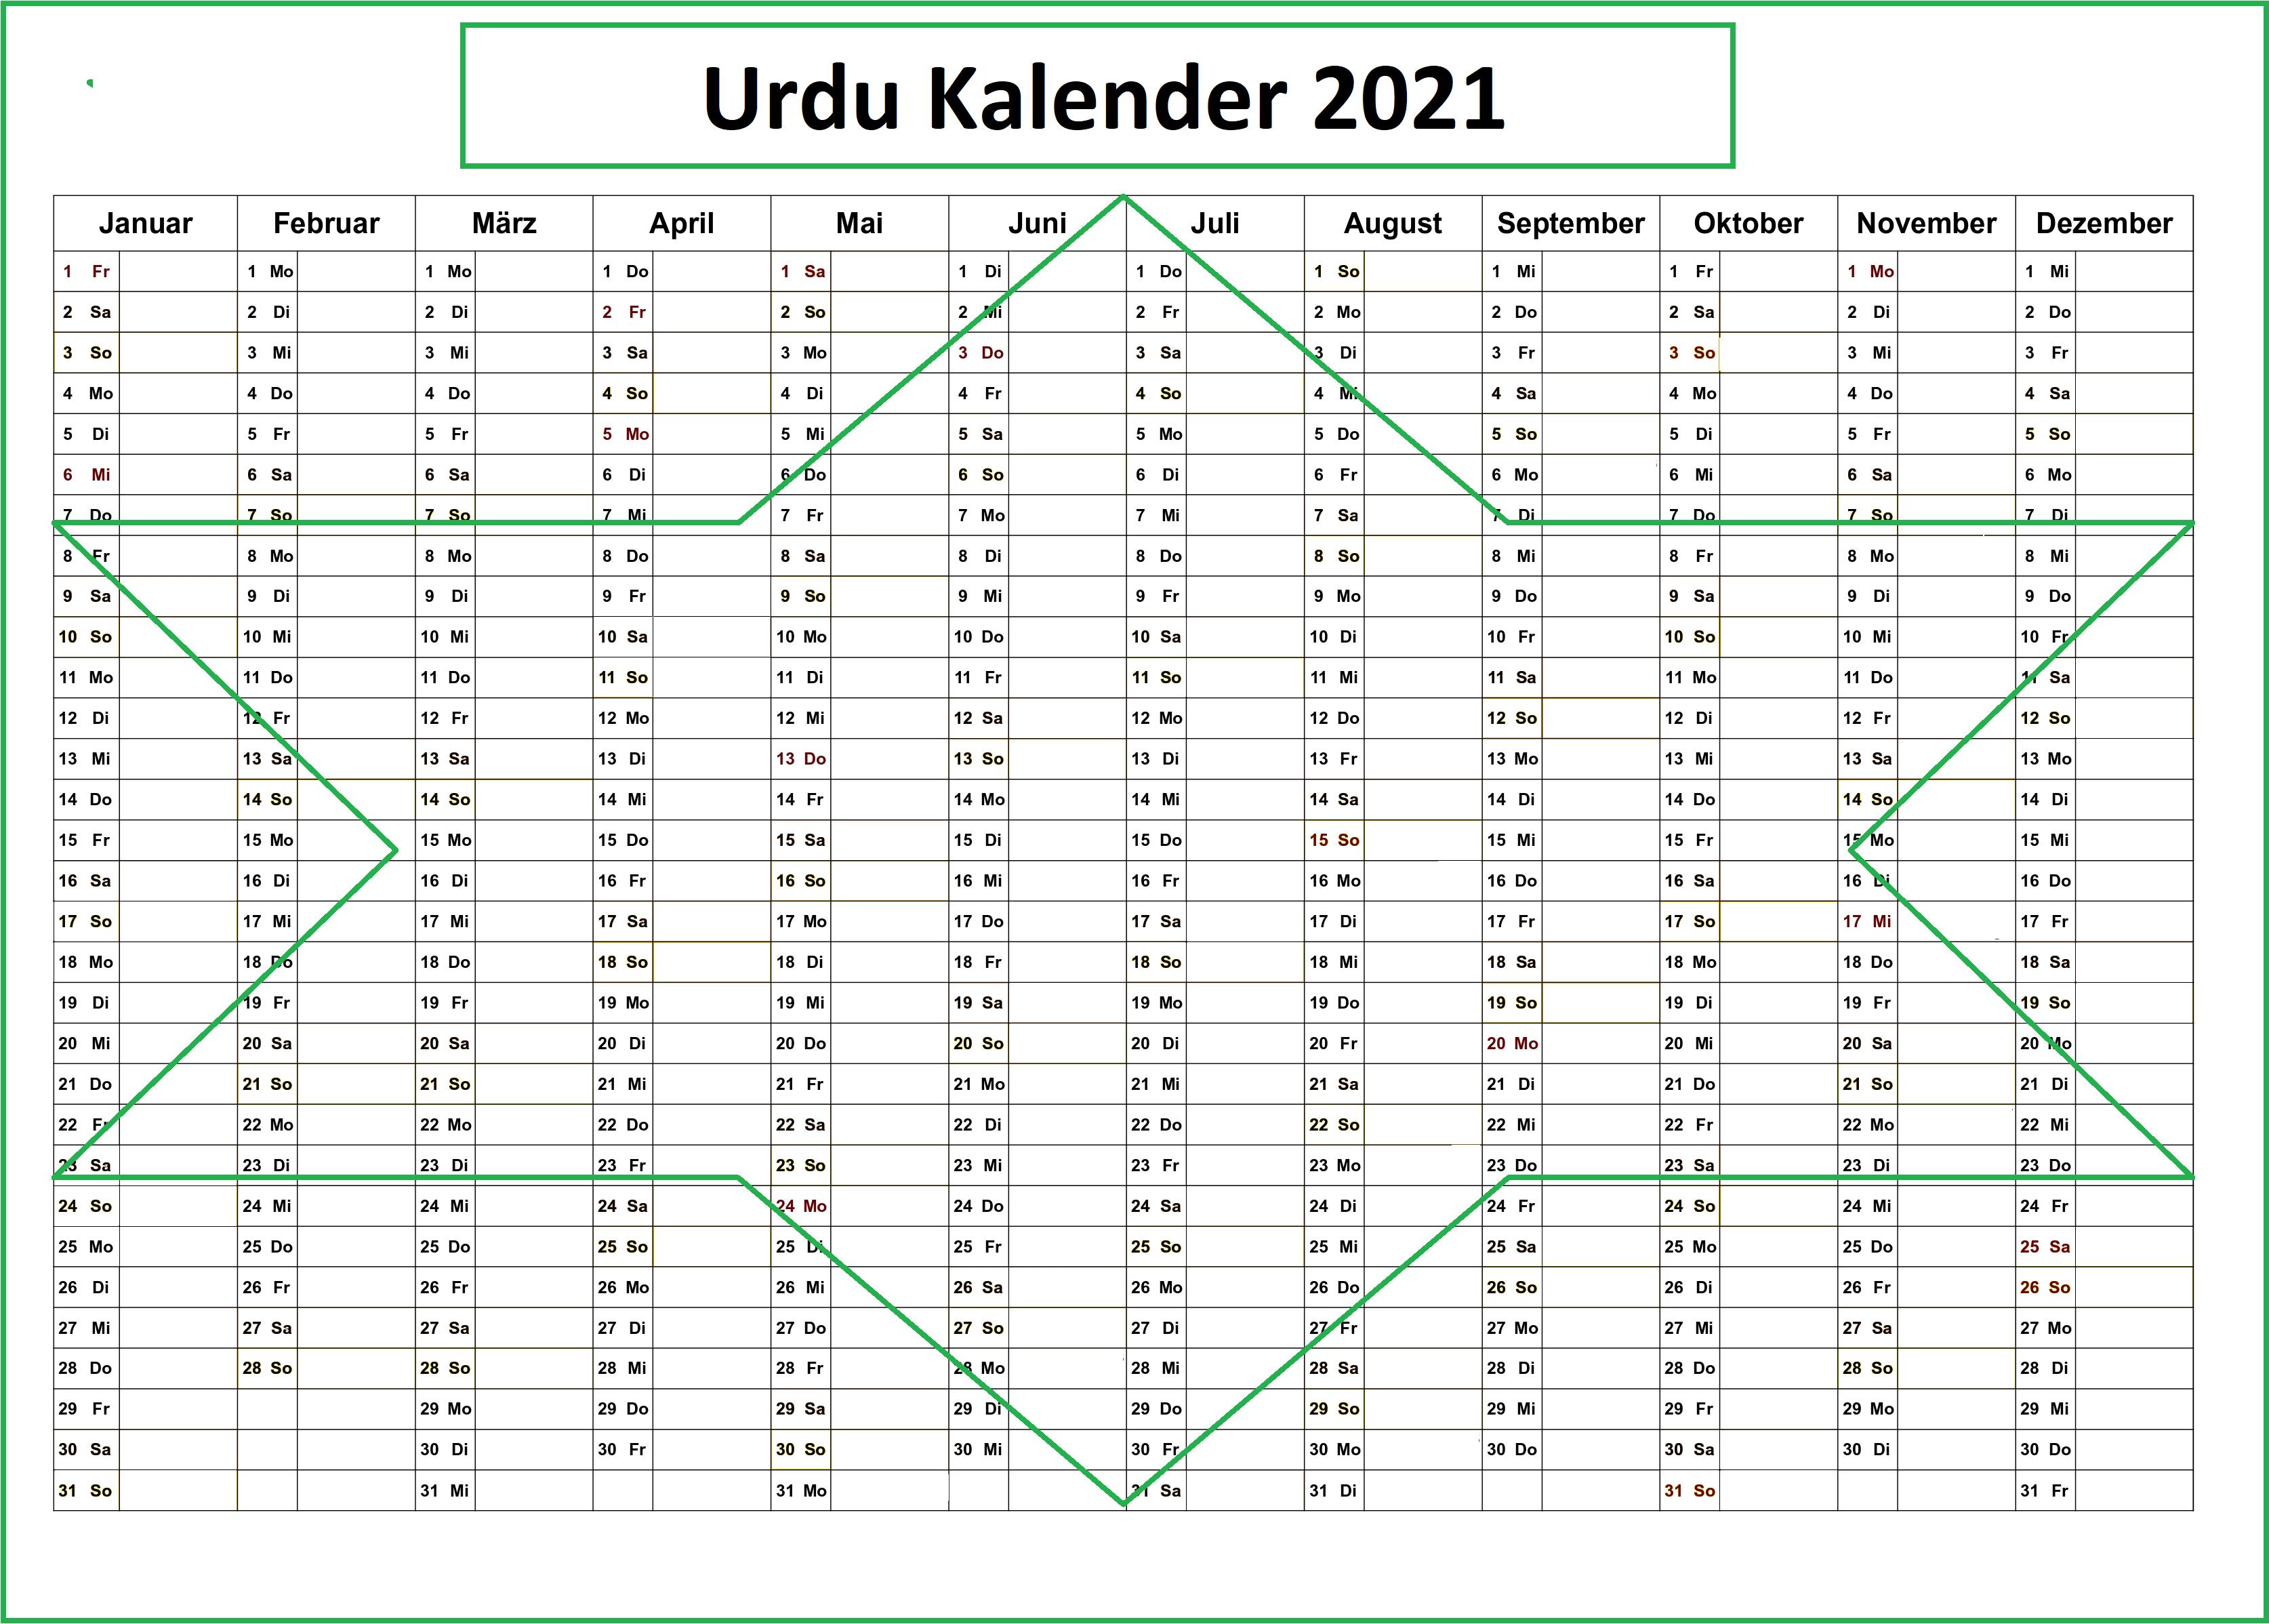 Urdu Kalender 2021